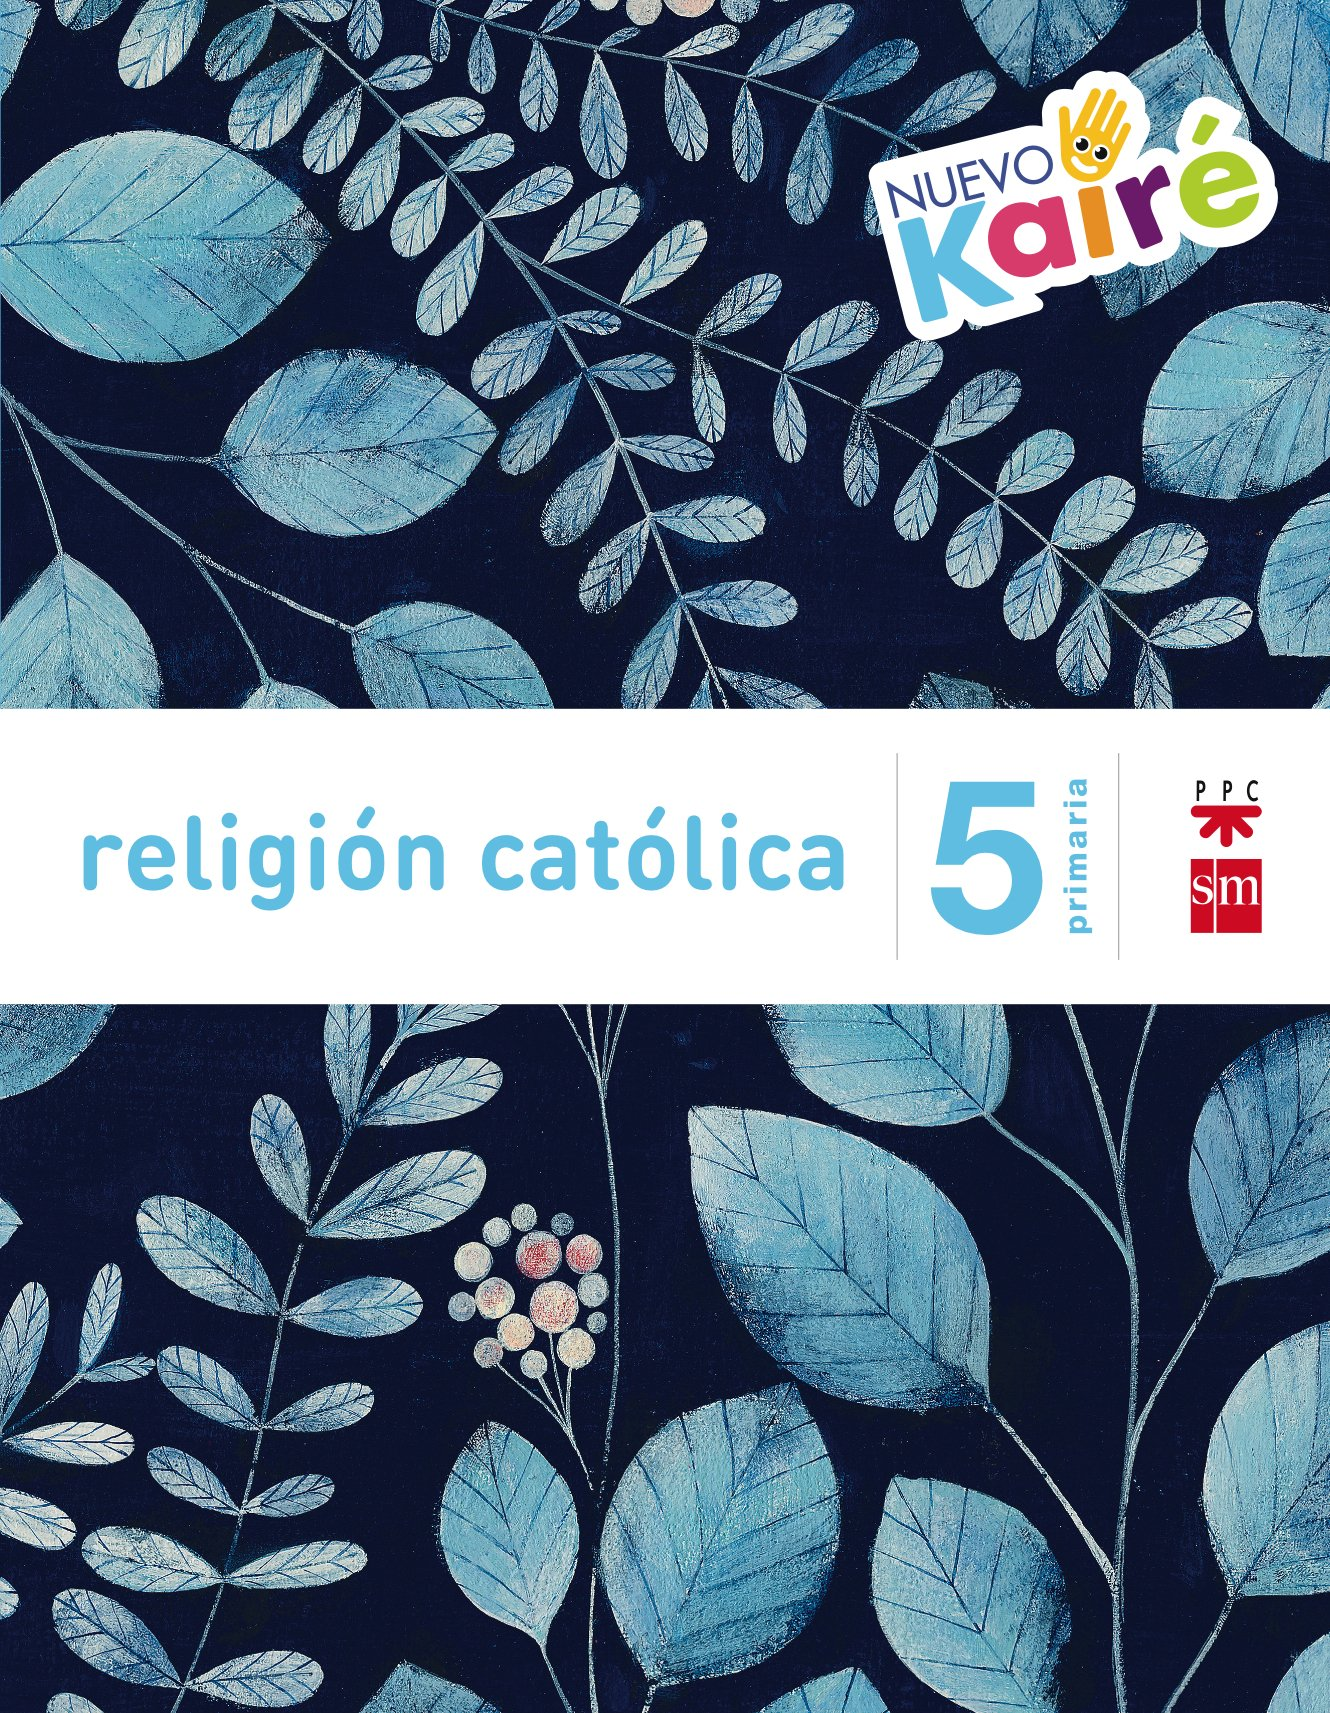 Resultado de imagen de religion 5 nuevo kaire